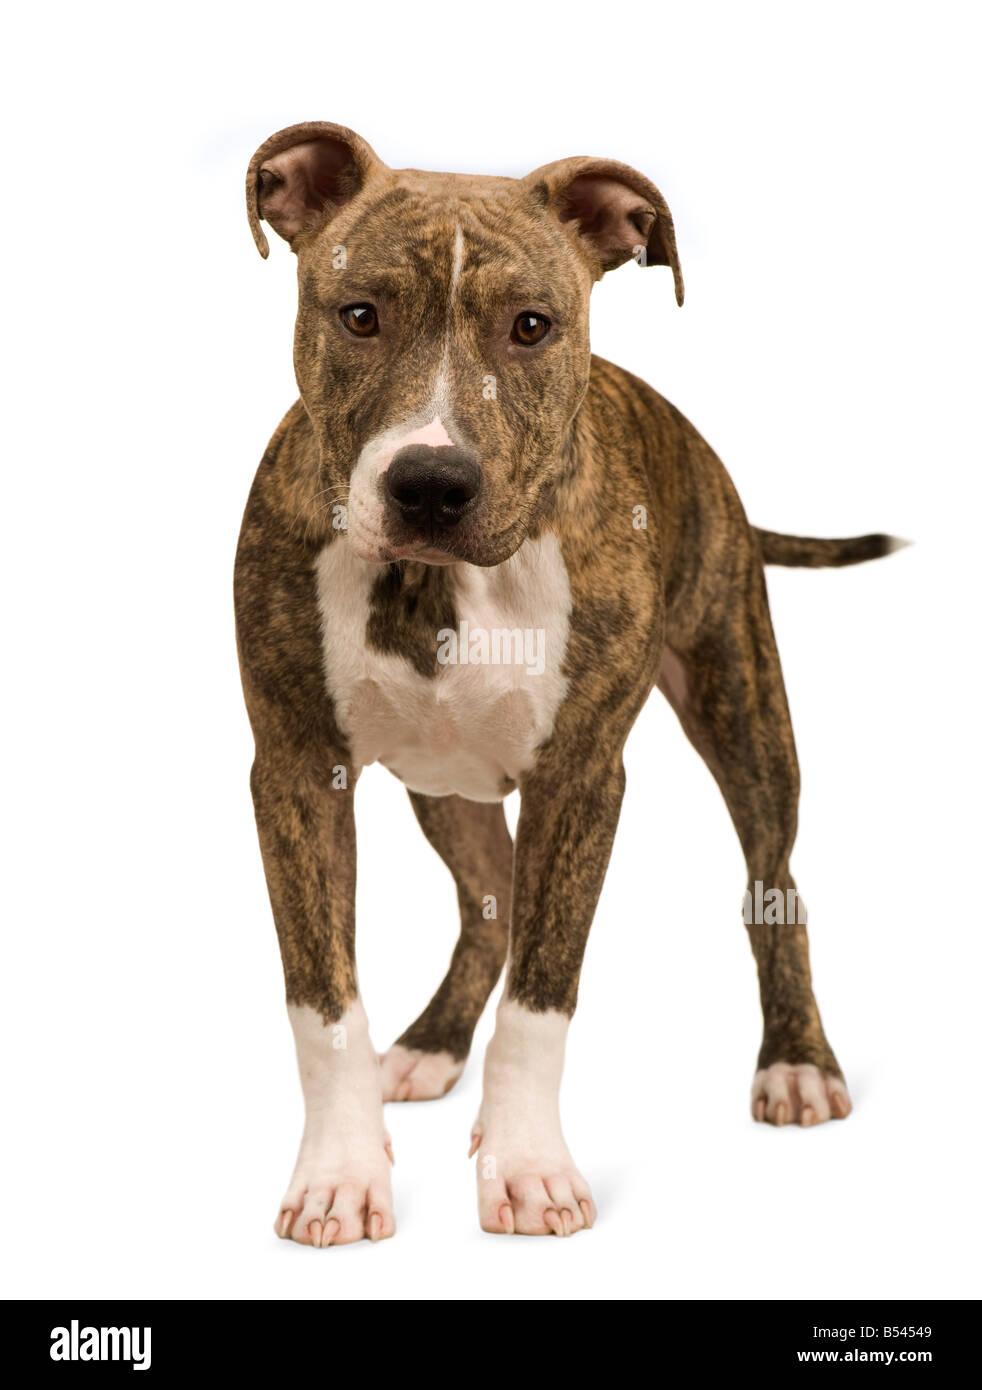 American Staffordshire terrier chiot 5 mois devant un fond blanc Banque D'Images